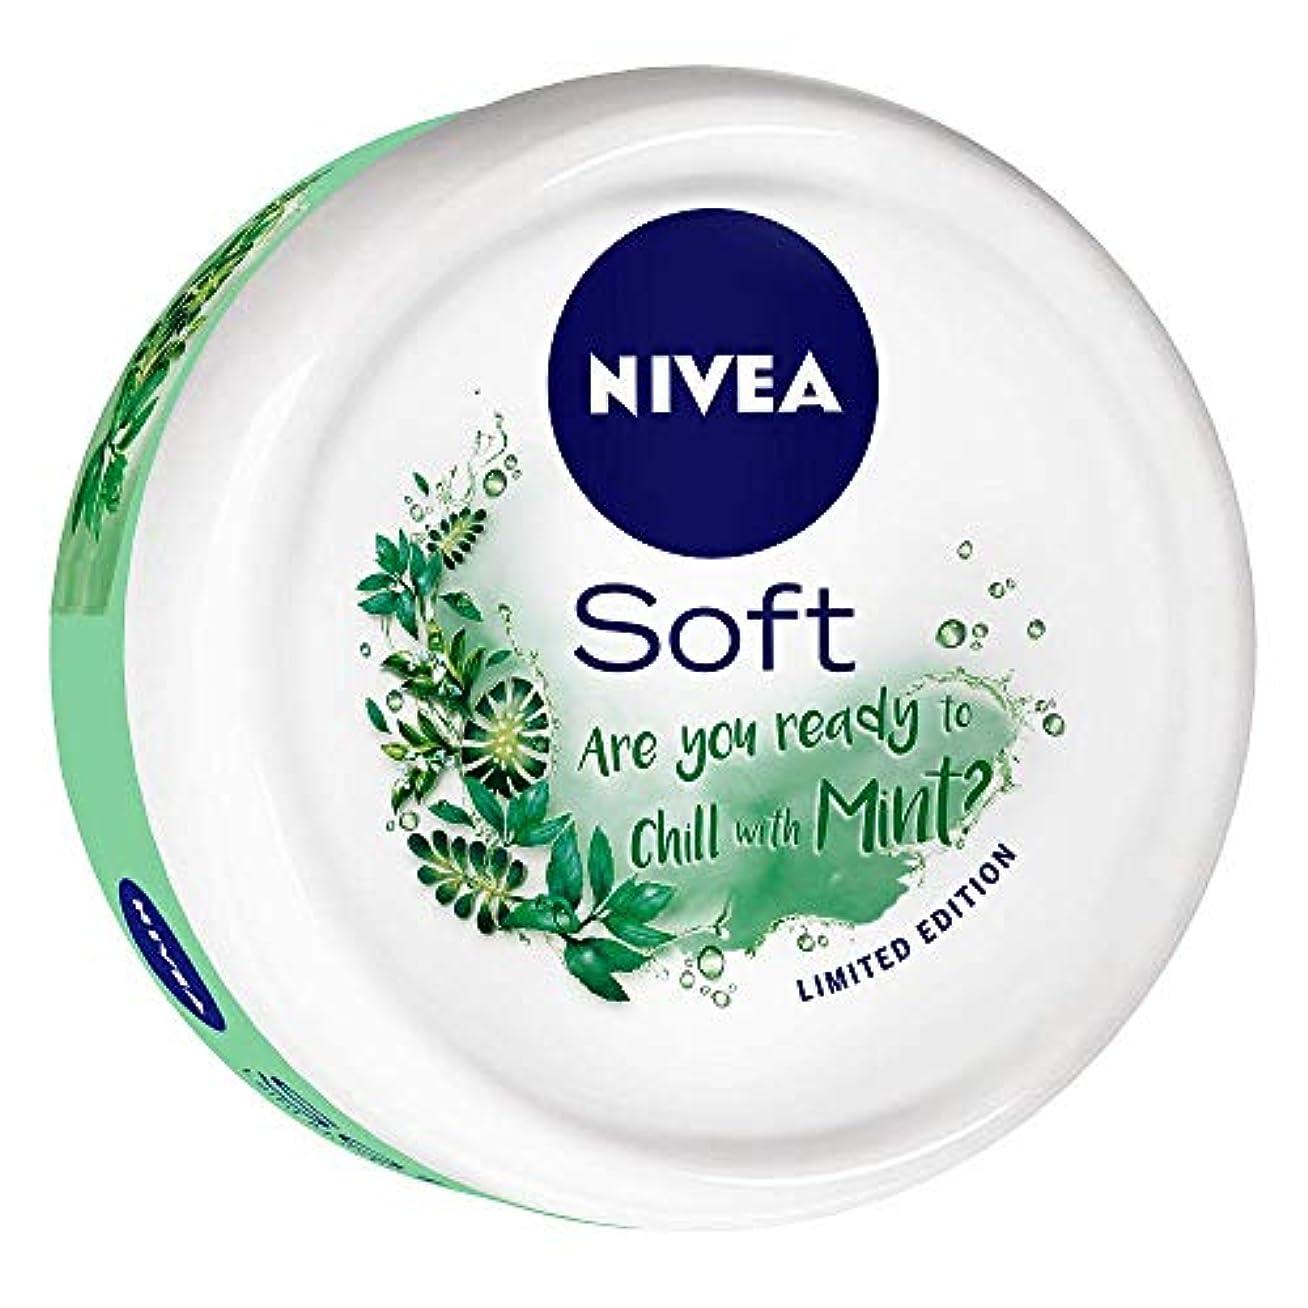 補償不可能な引き潮NIVEA Soft Light Moisturizer Chilled Mint With Vitamin E & Jojoba Oil, 200 ml